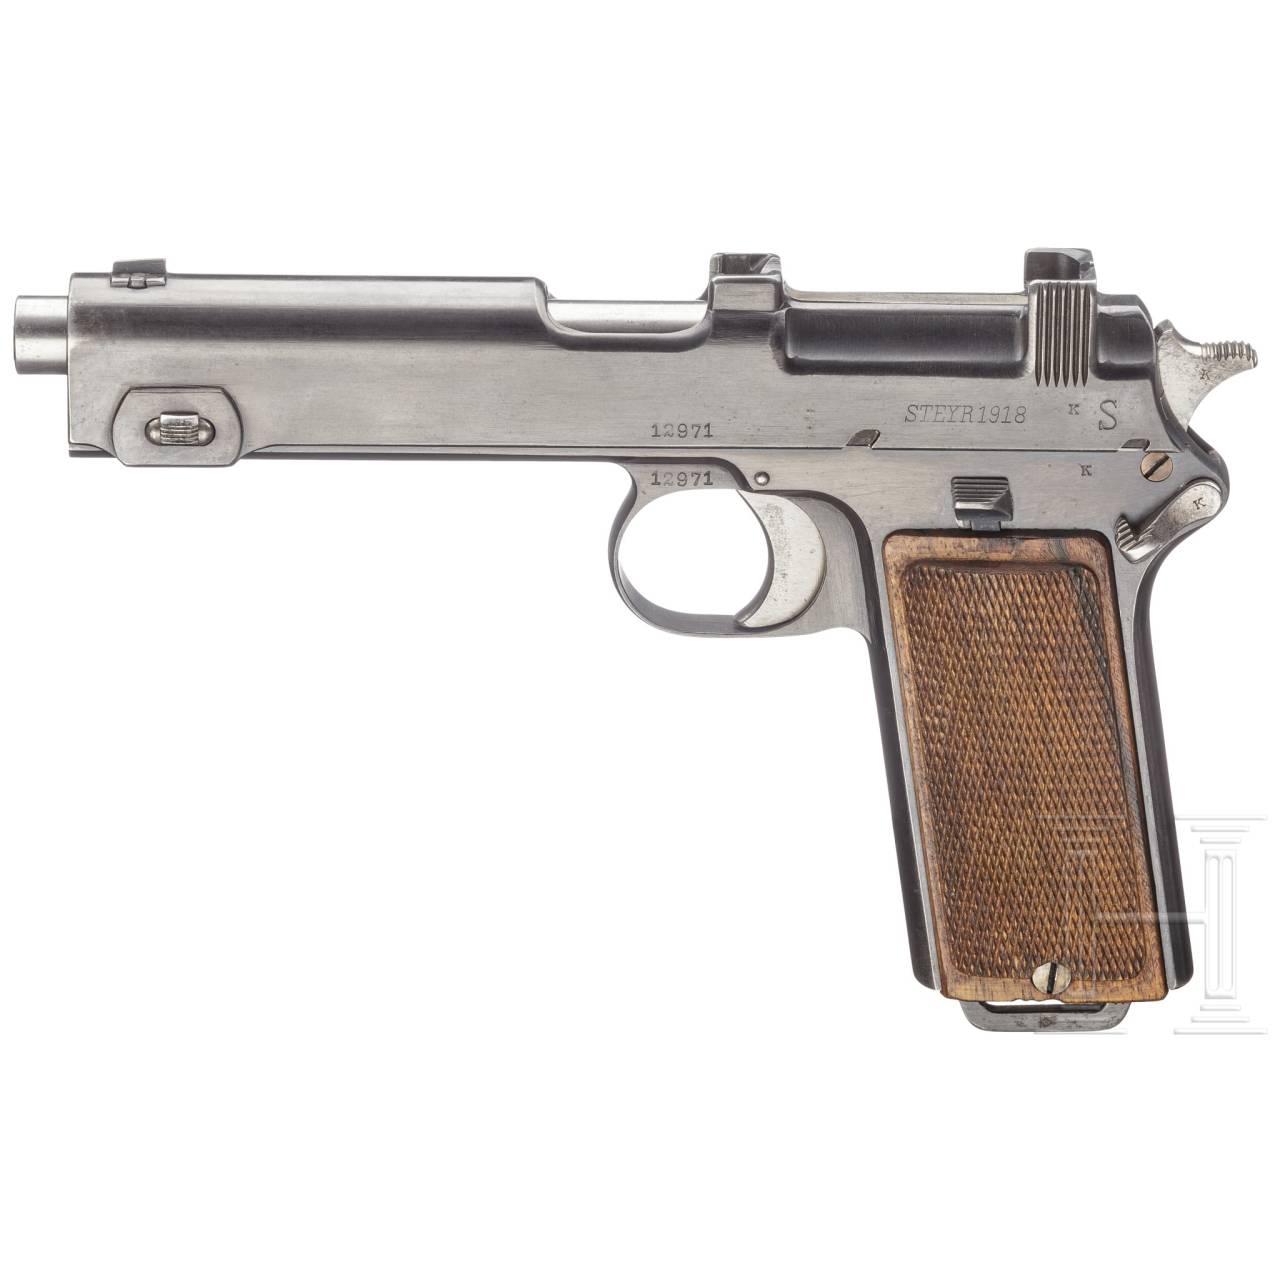 Steyr Mod. 1912, 2. Bayernkontrakt, mit Tasche